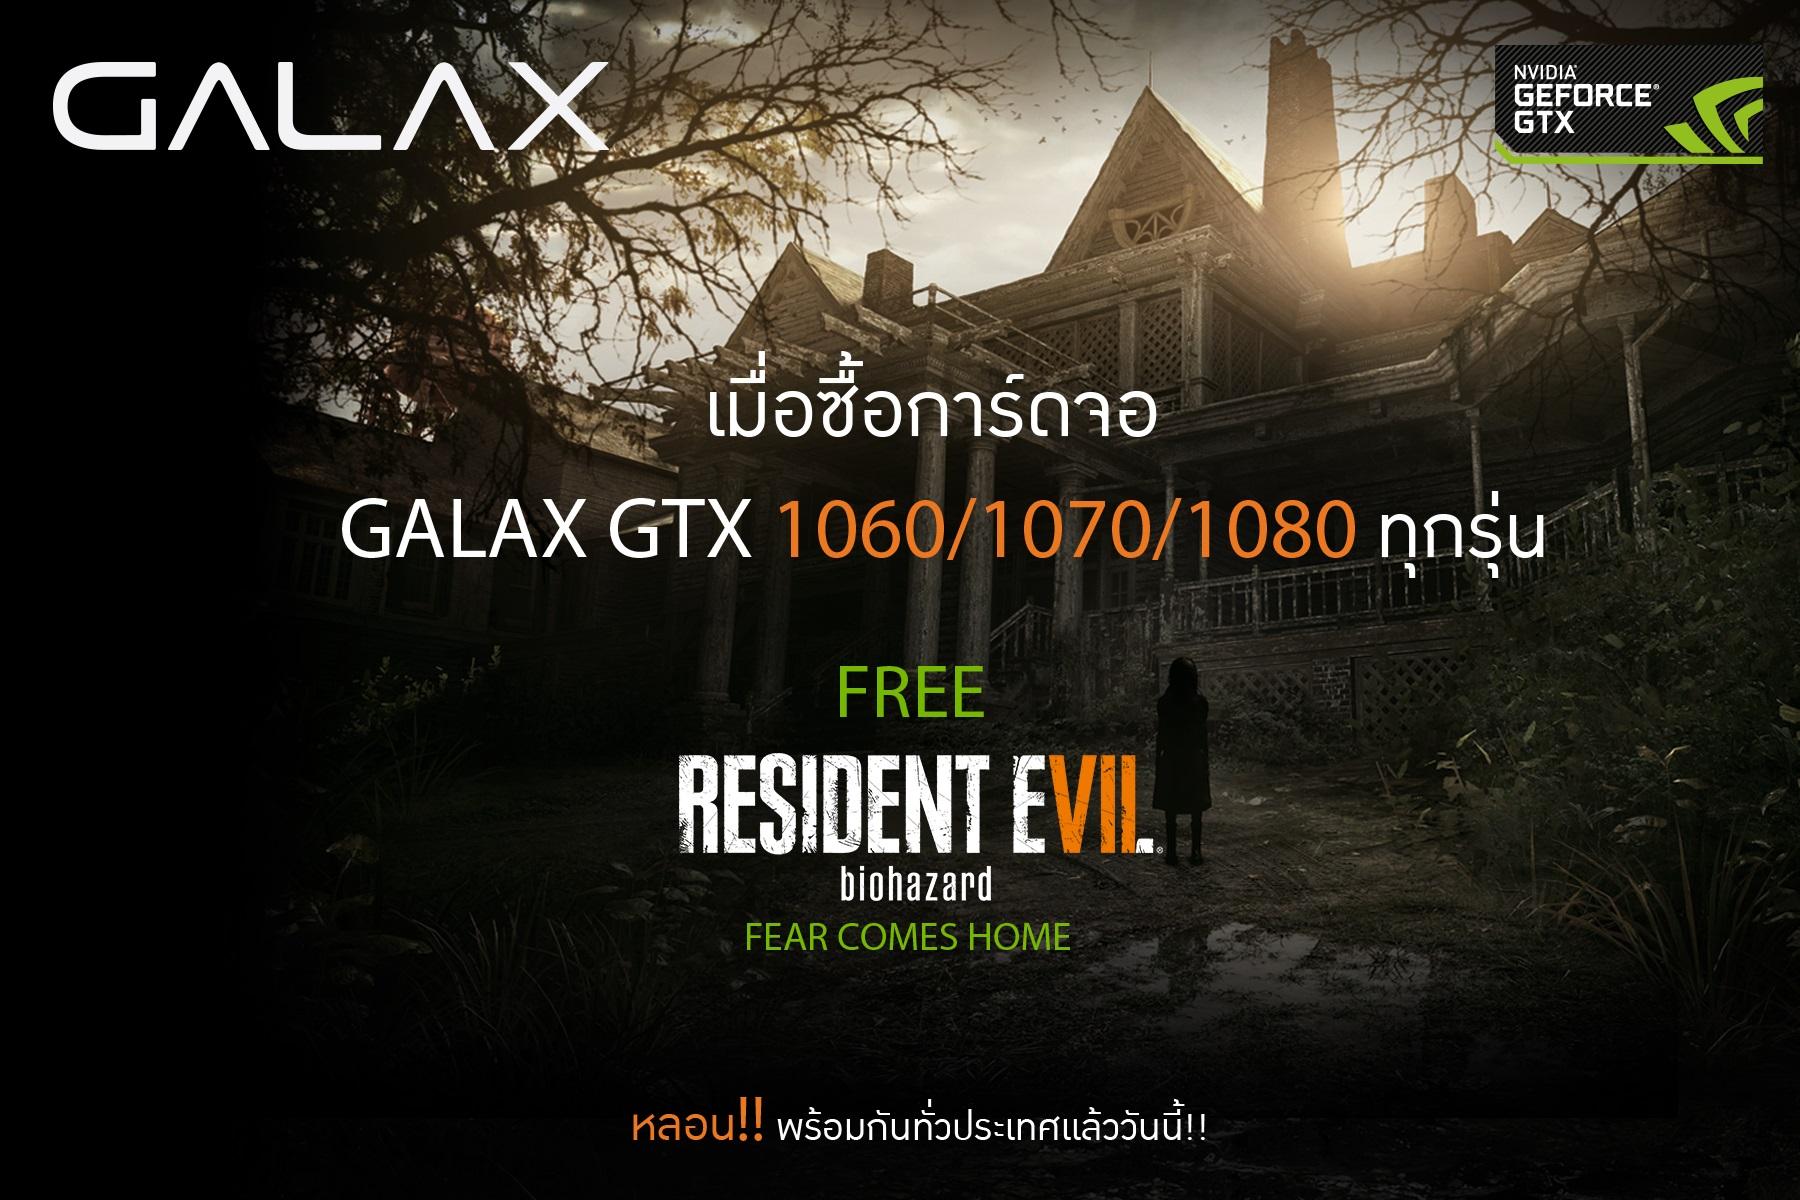 pr_residentevil_2